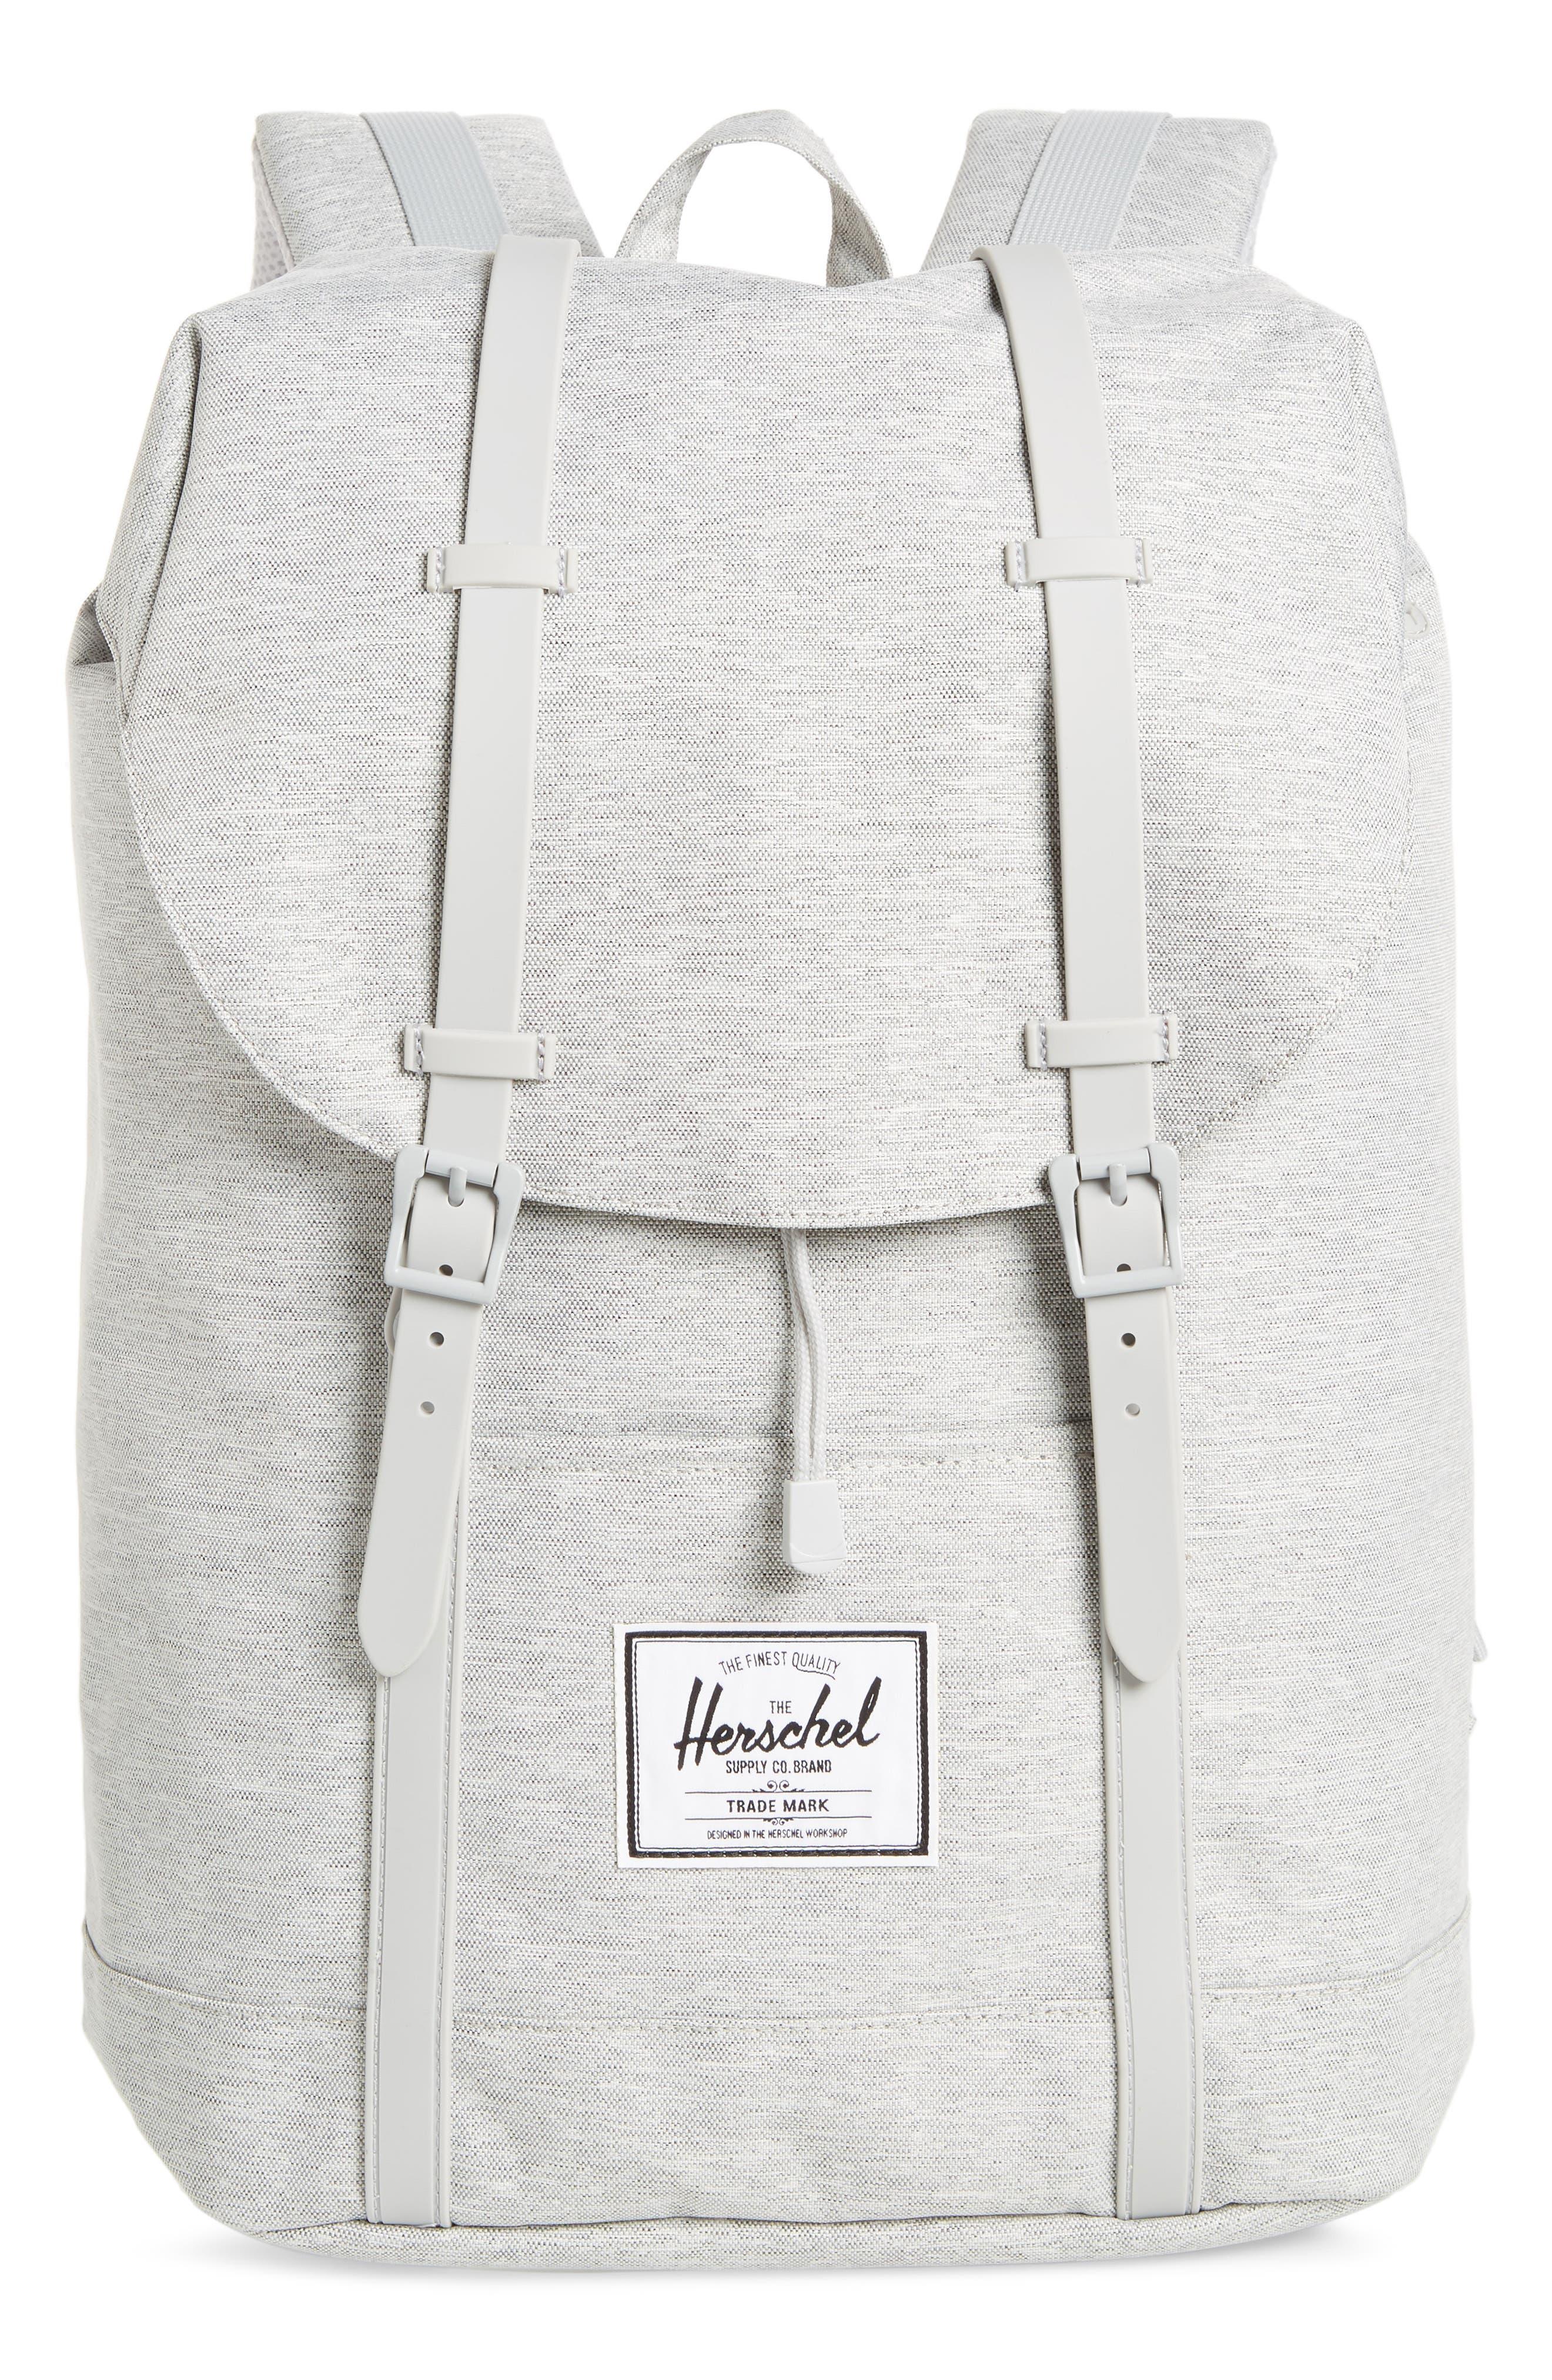 Herschel Supply Co. Retreat Backpack - Grey